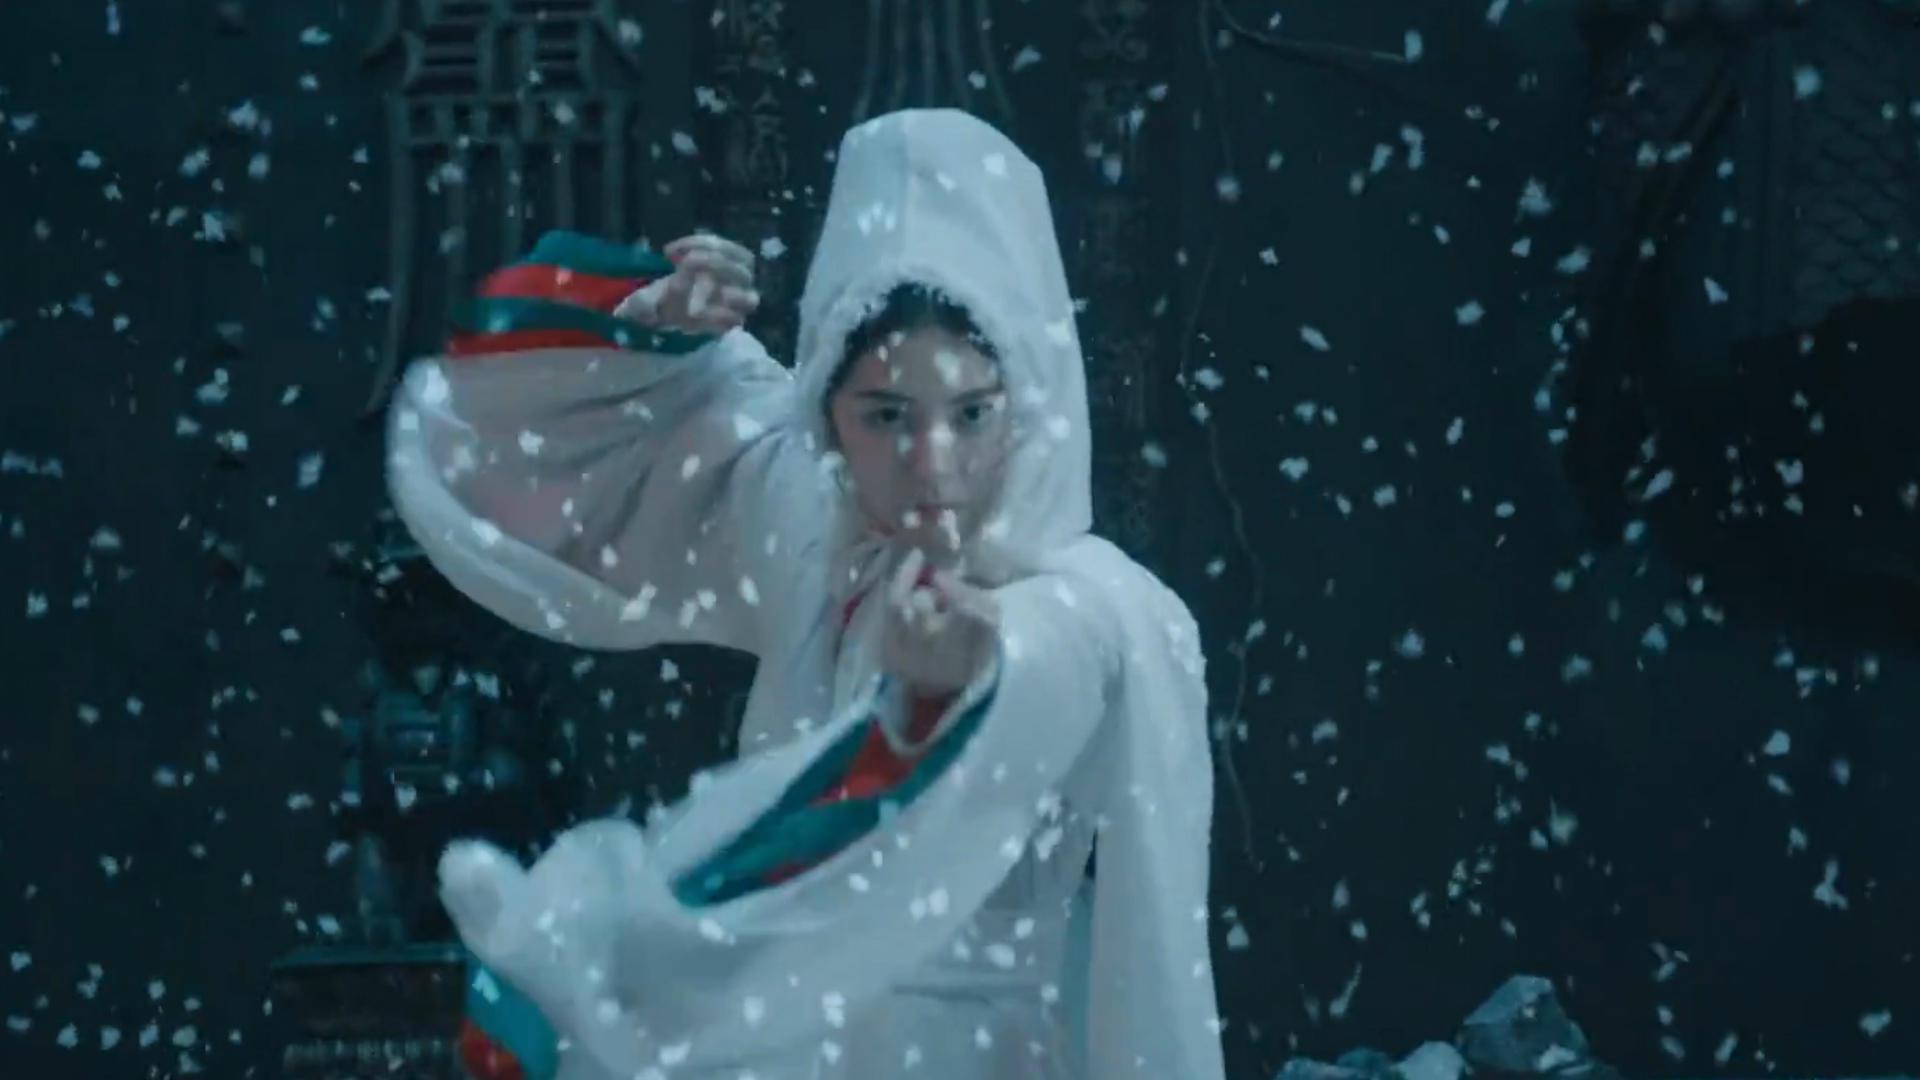 #修仙#女孩死后怨念不化,在地狱变成一个美丽雪女,一部奇幻爱情电影